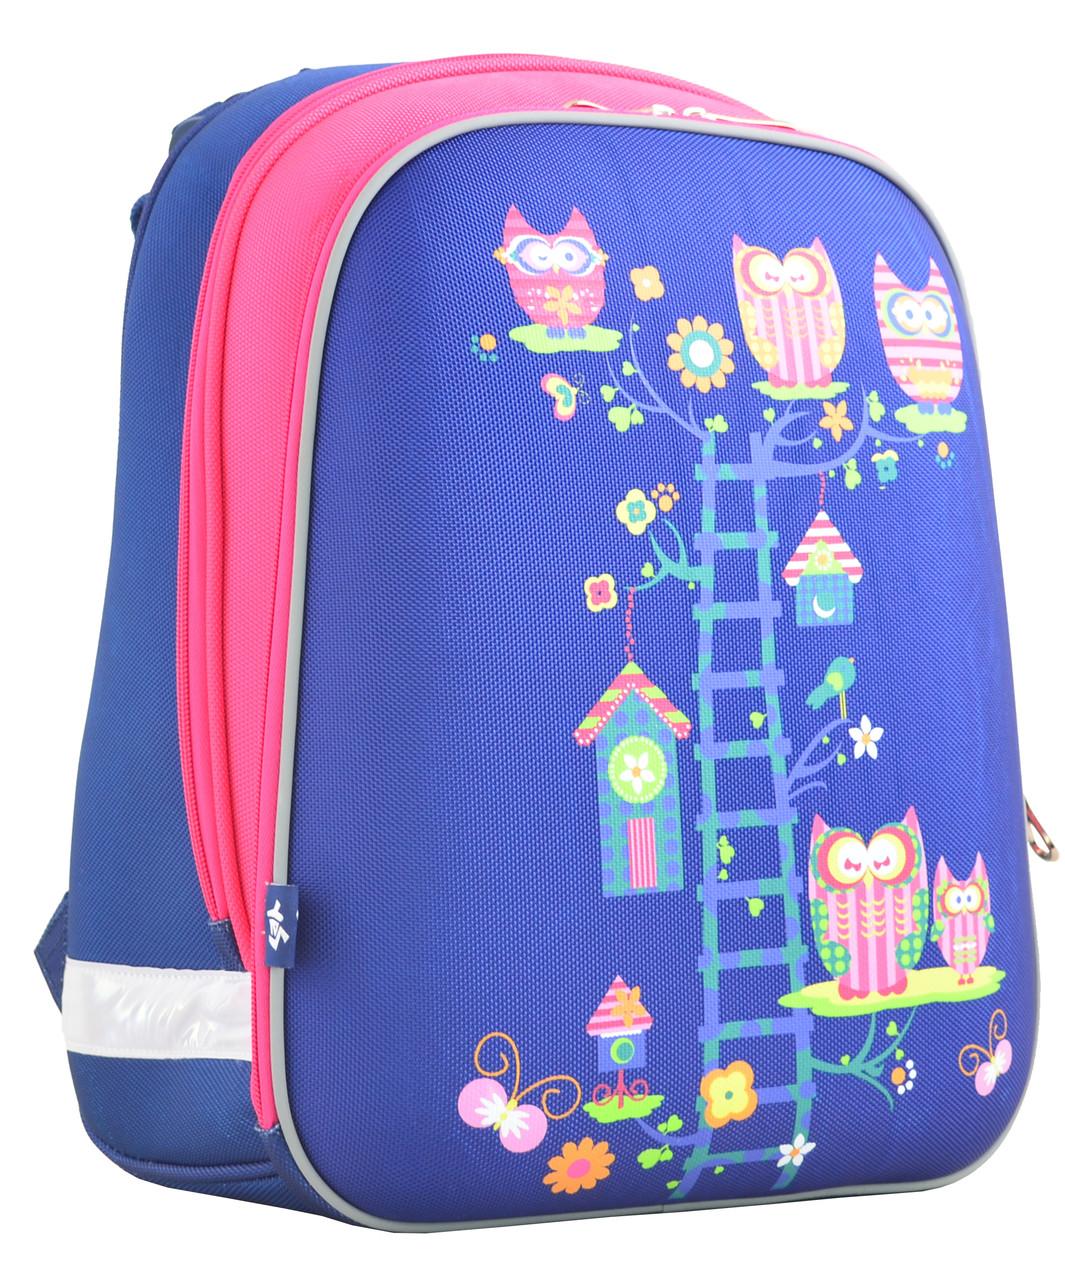 Рюкзак каркасный H-12 Owl blue, 38*29*15